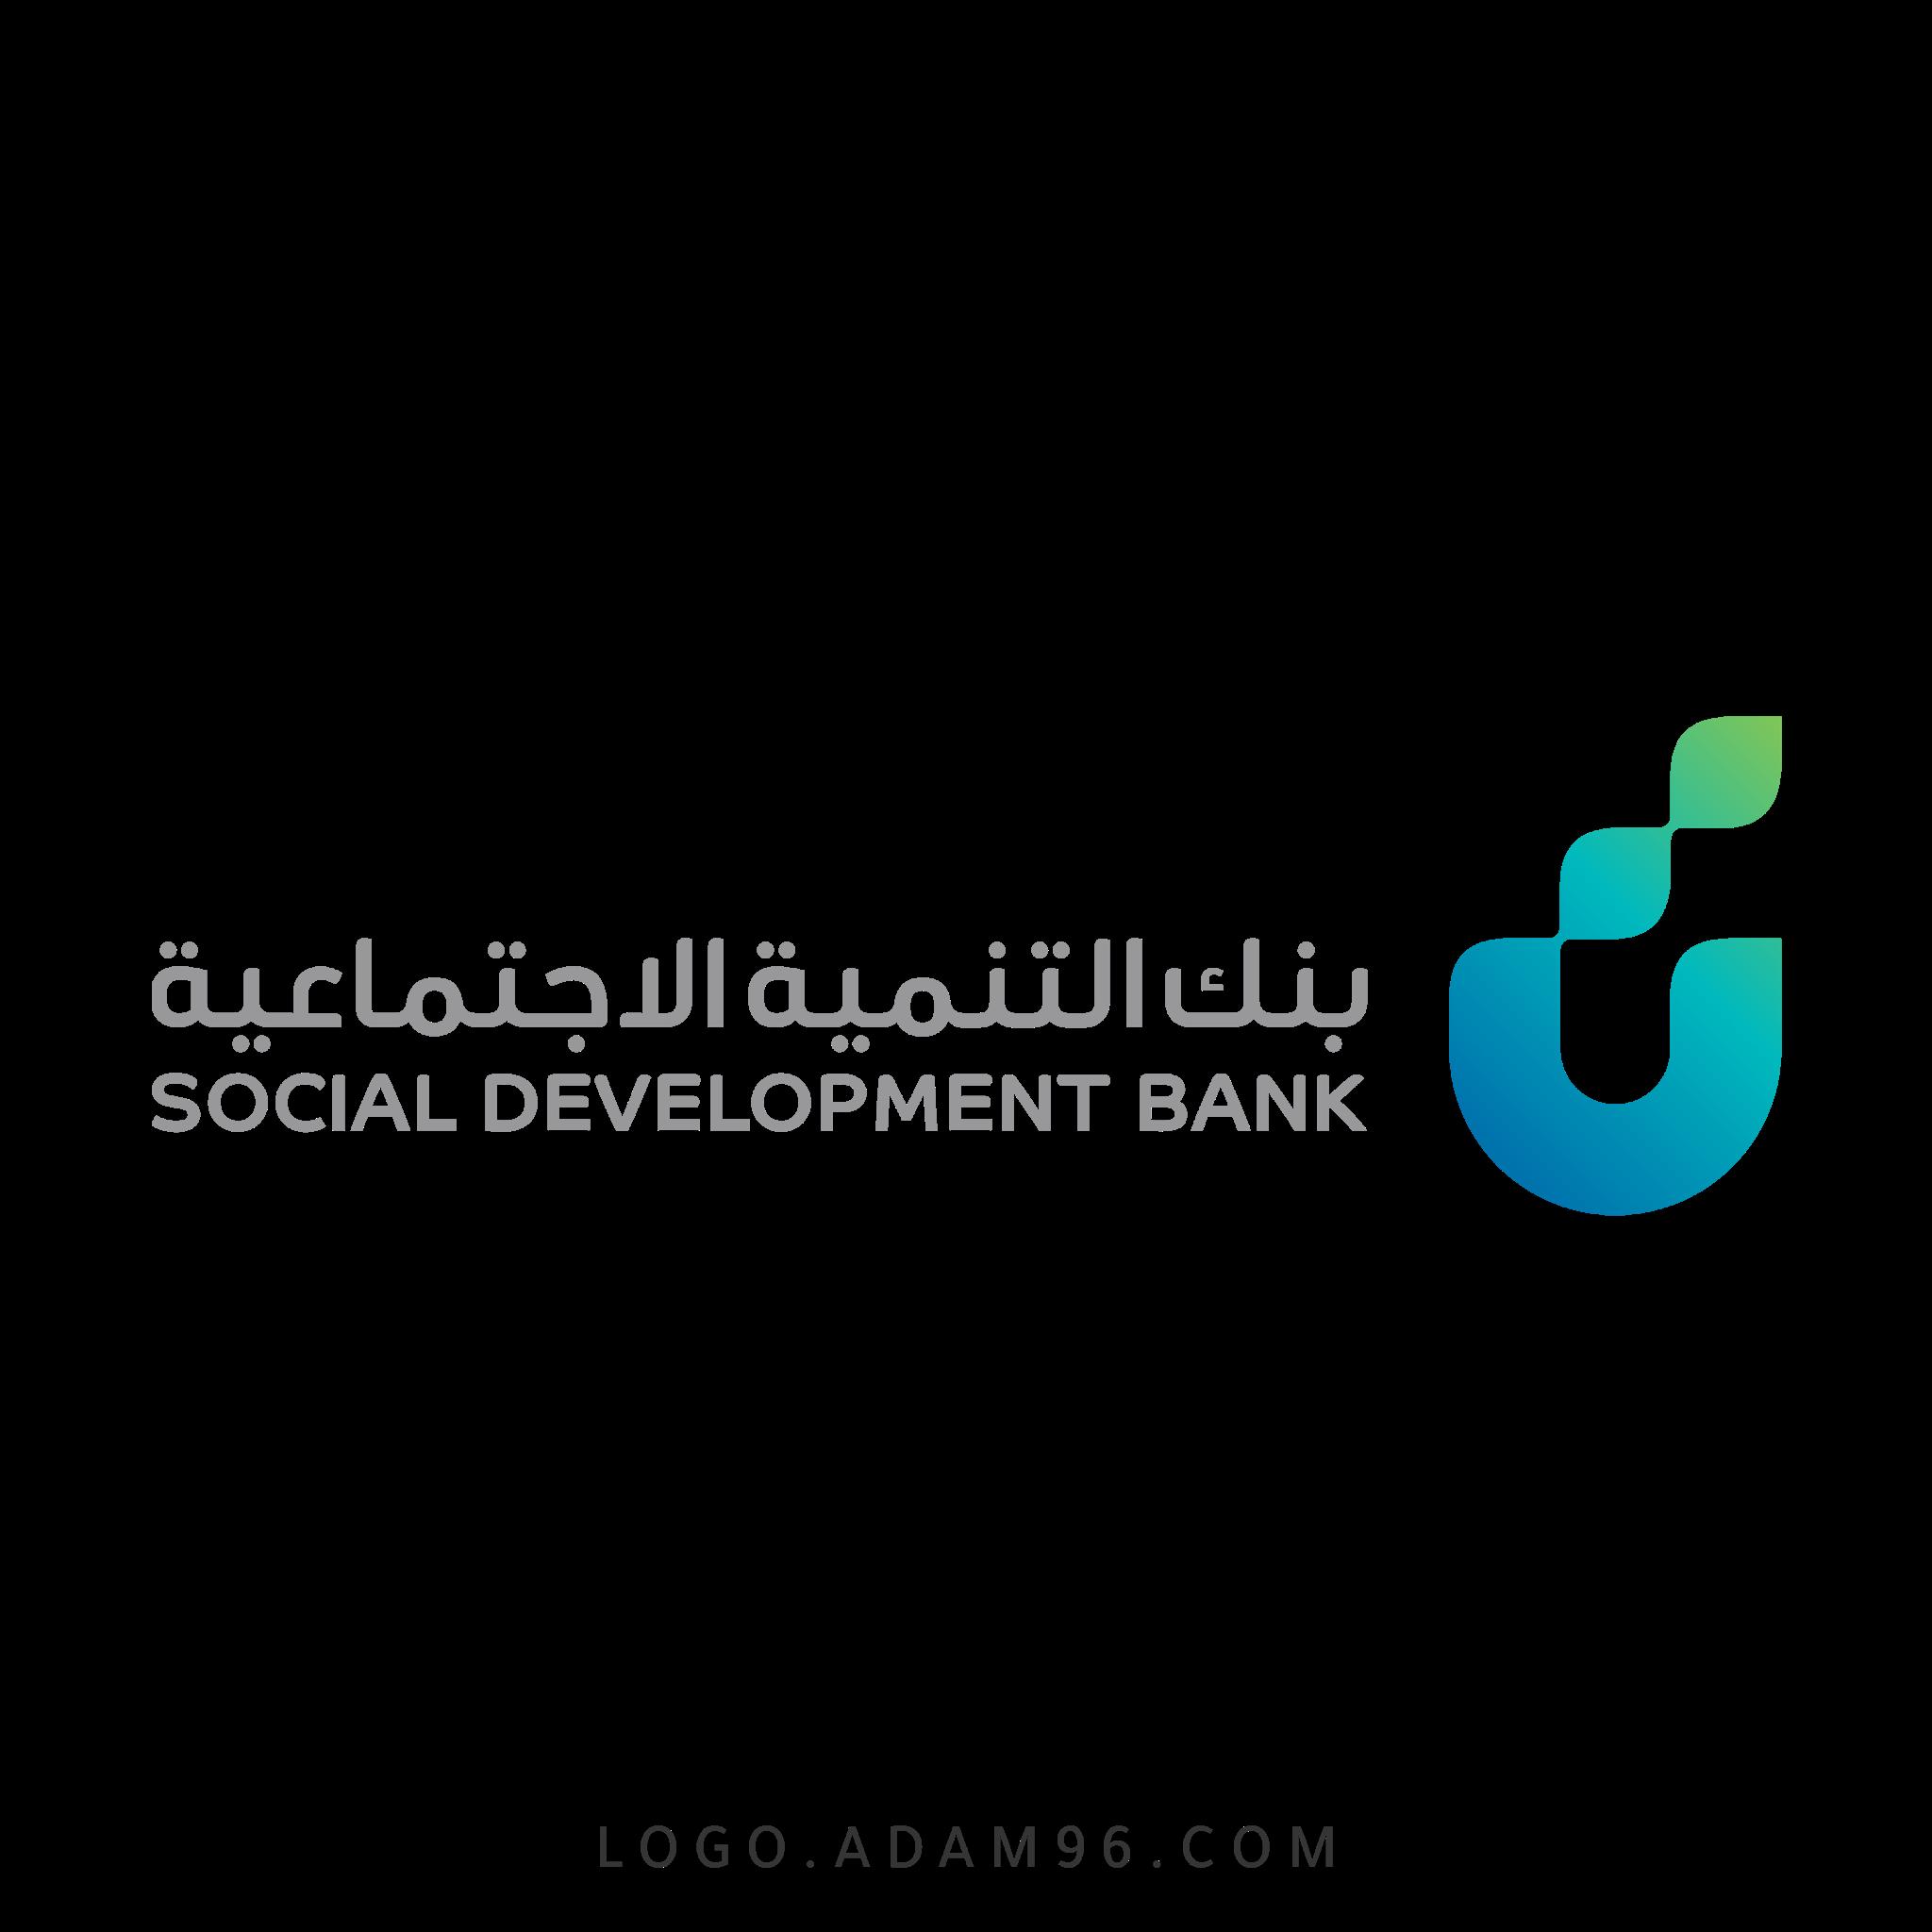 تحميل شعار بنك التنمية الاجتماعية لوجو رسمي عالي الجودة PNG